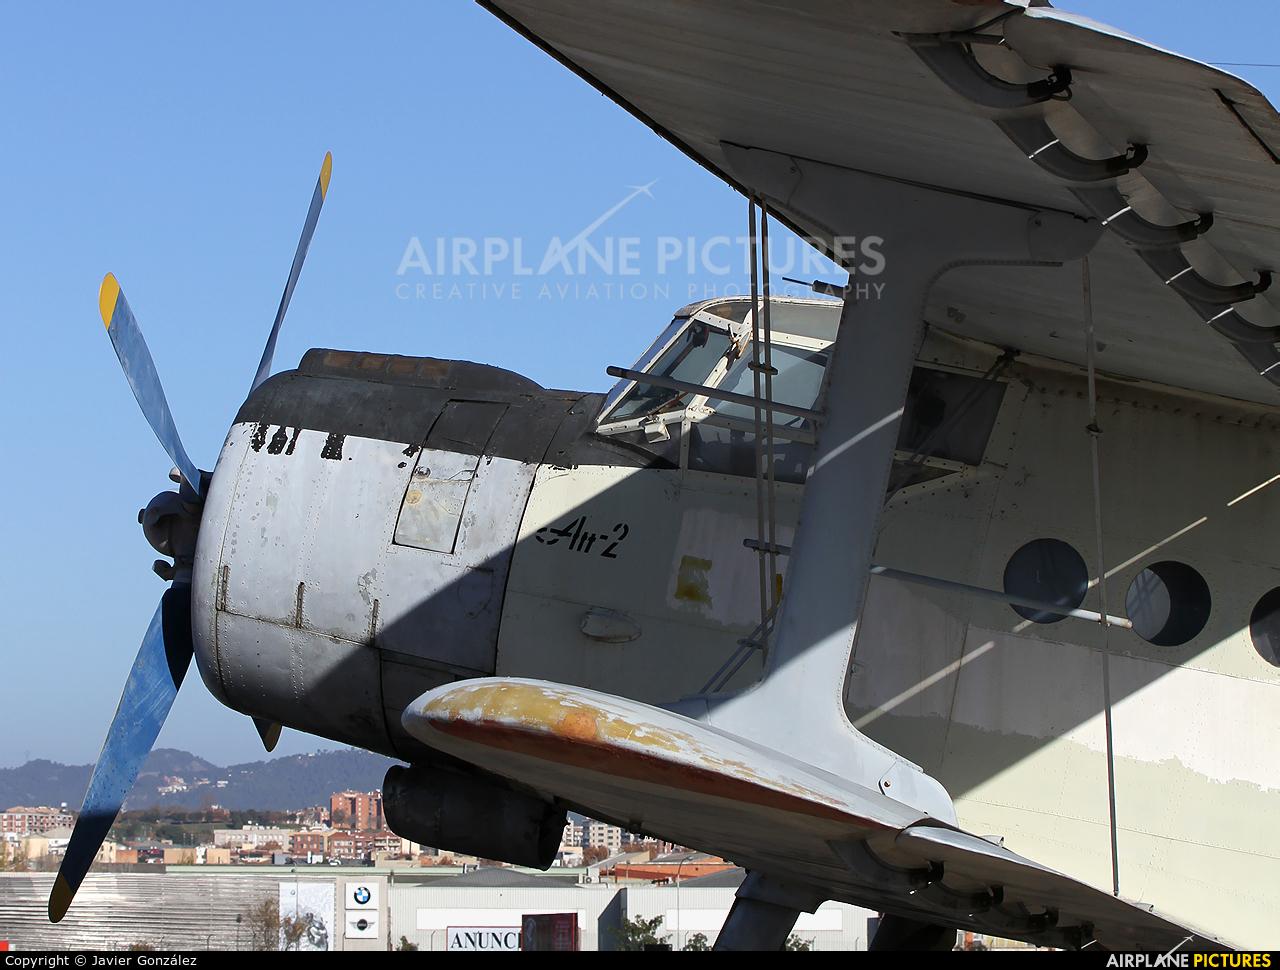 Fundació Parc Aeronàutic de Catalunya SP-ALG aircraft at Sabadell